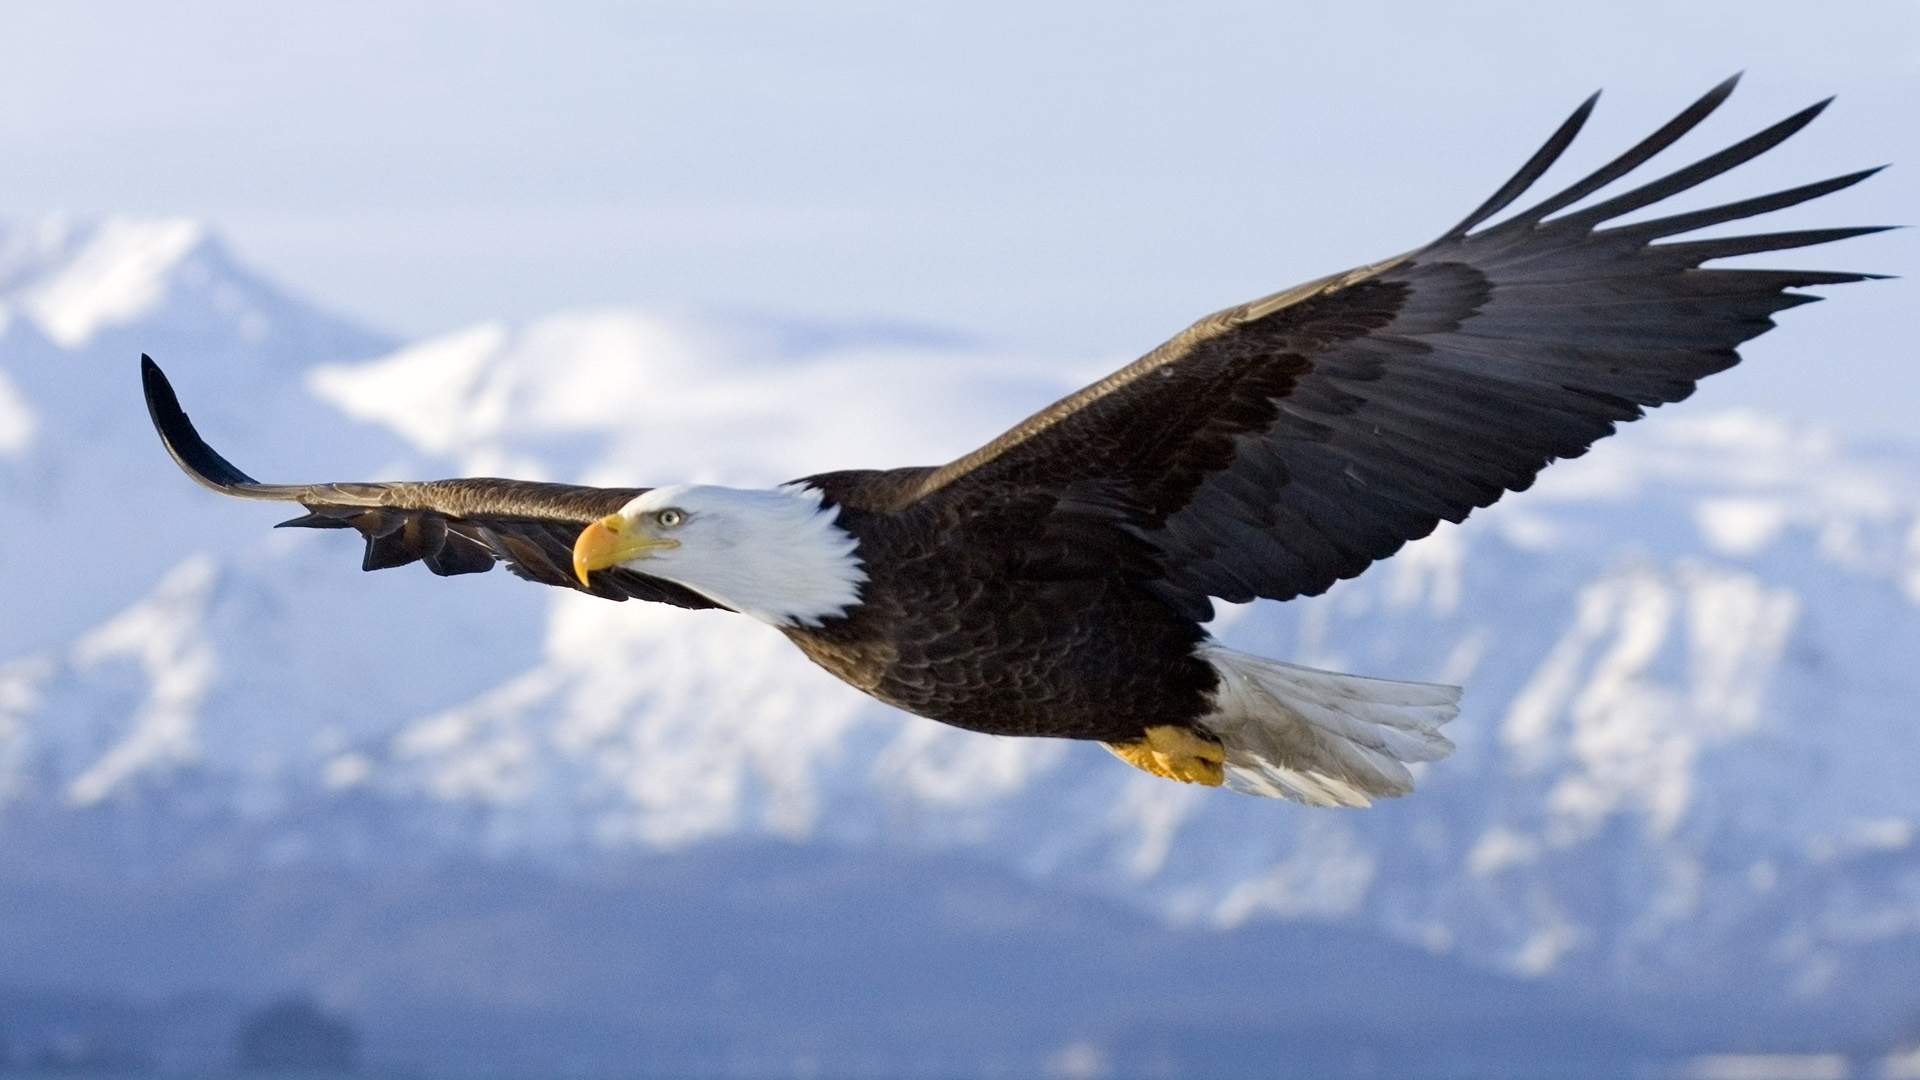 Must see   Wallpaper Horse Eagle - bald-eagle  Photograph_18522.jpg